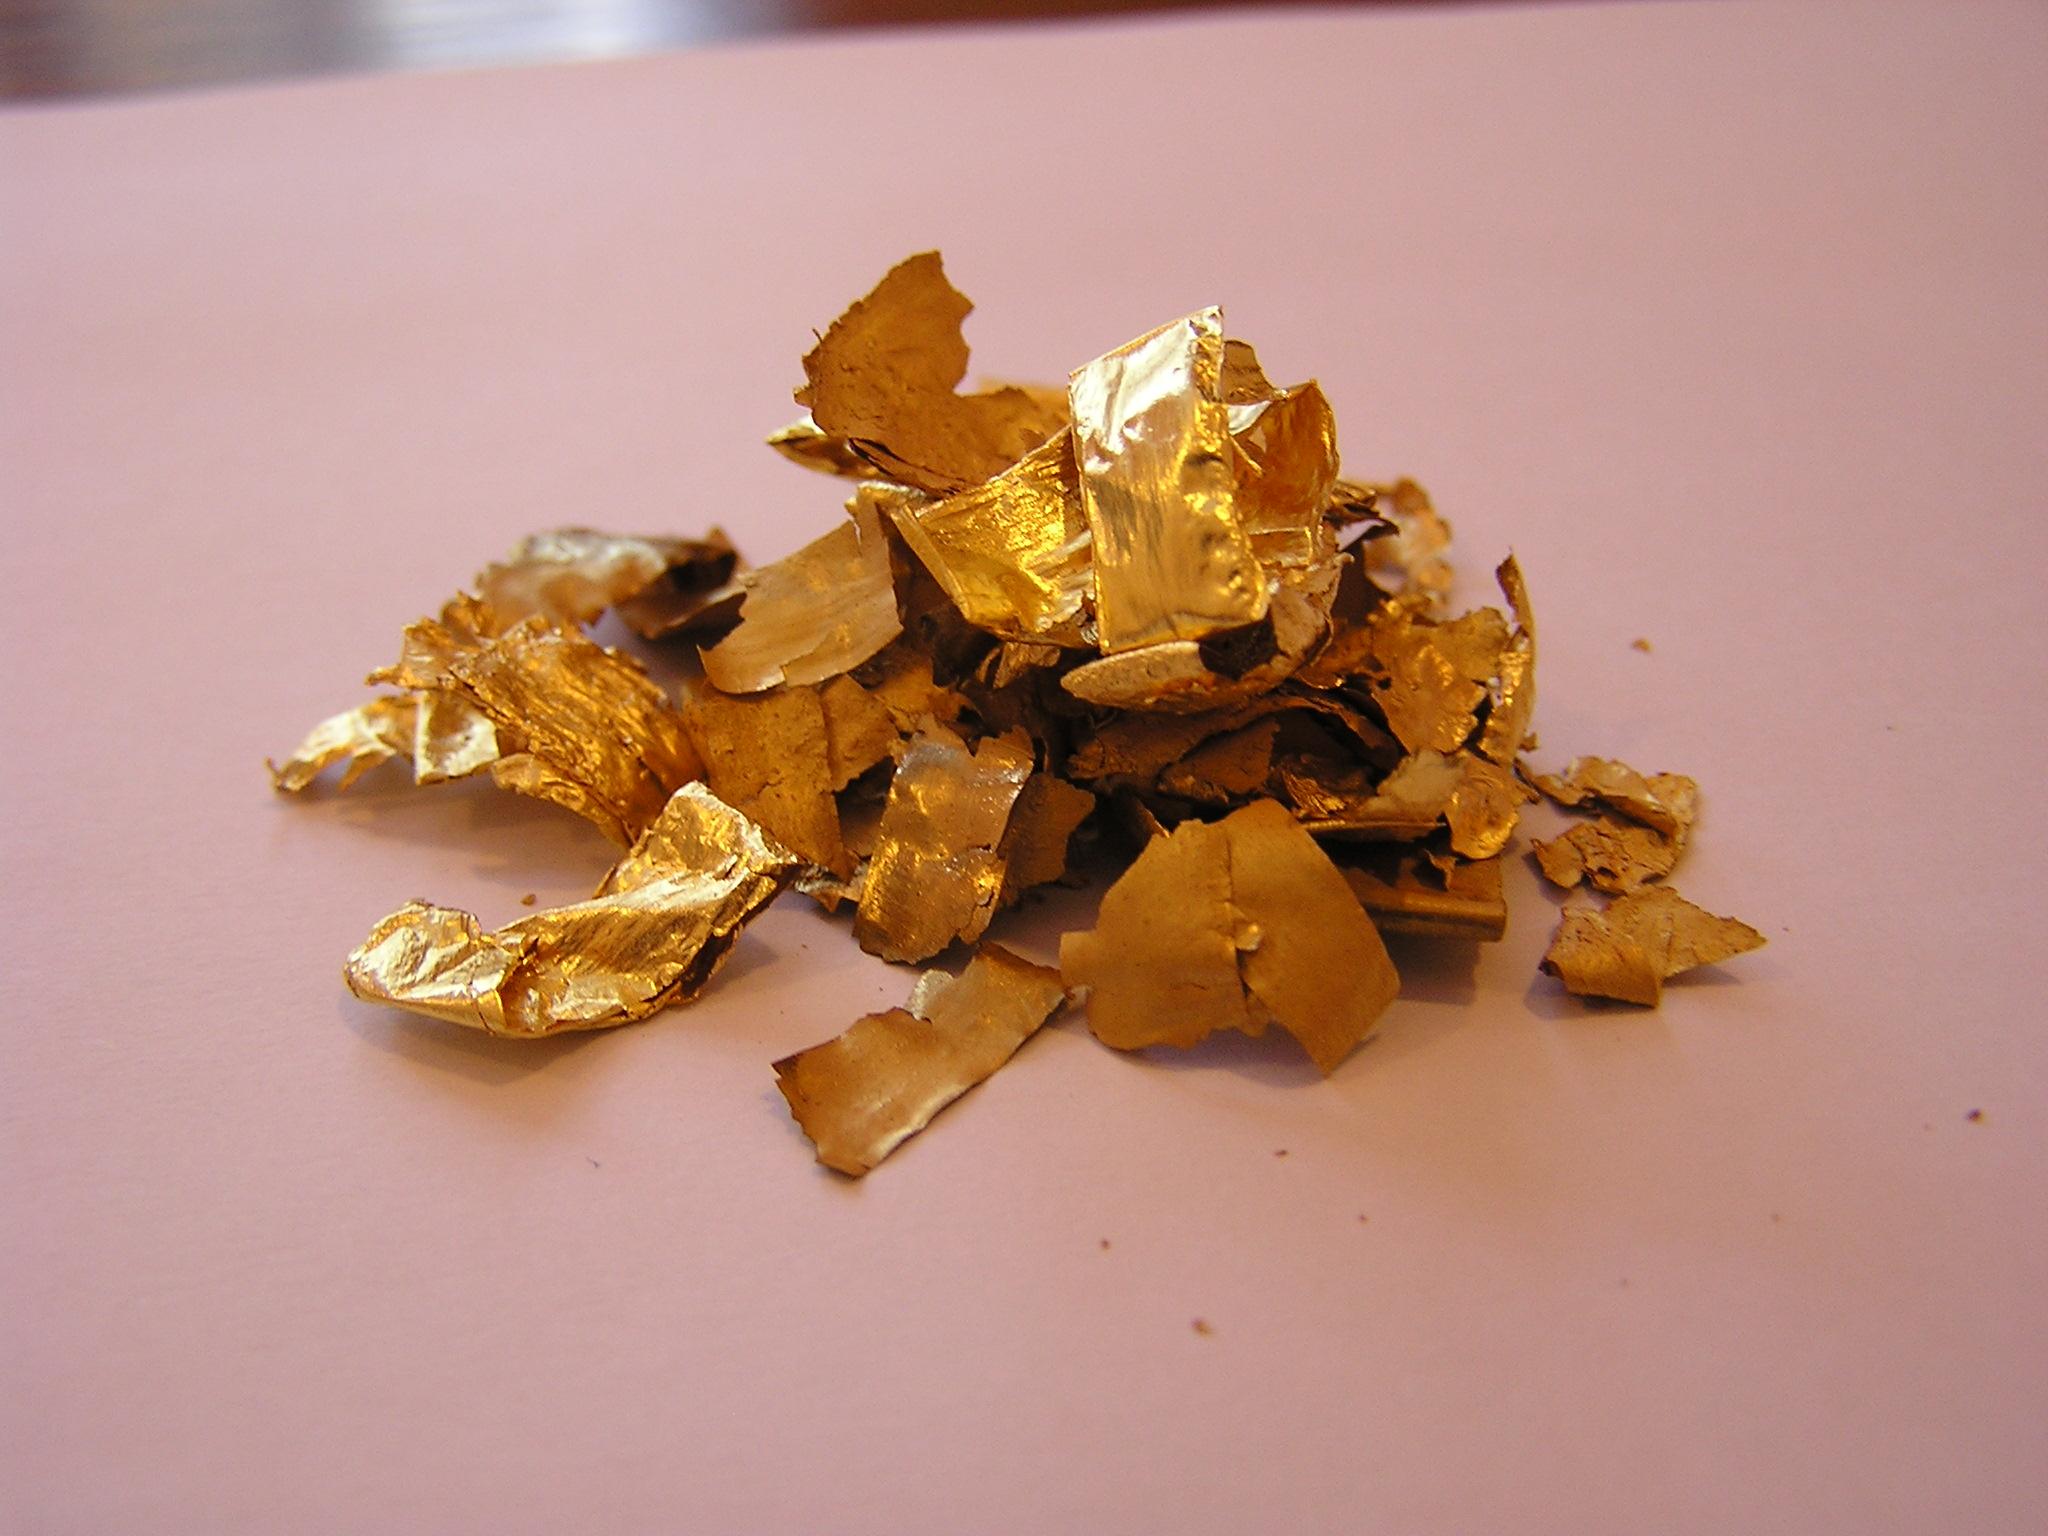 Анализ золотого сырья и готовой продукции